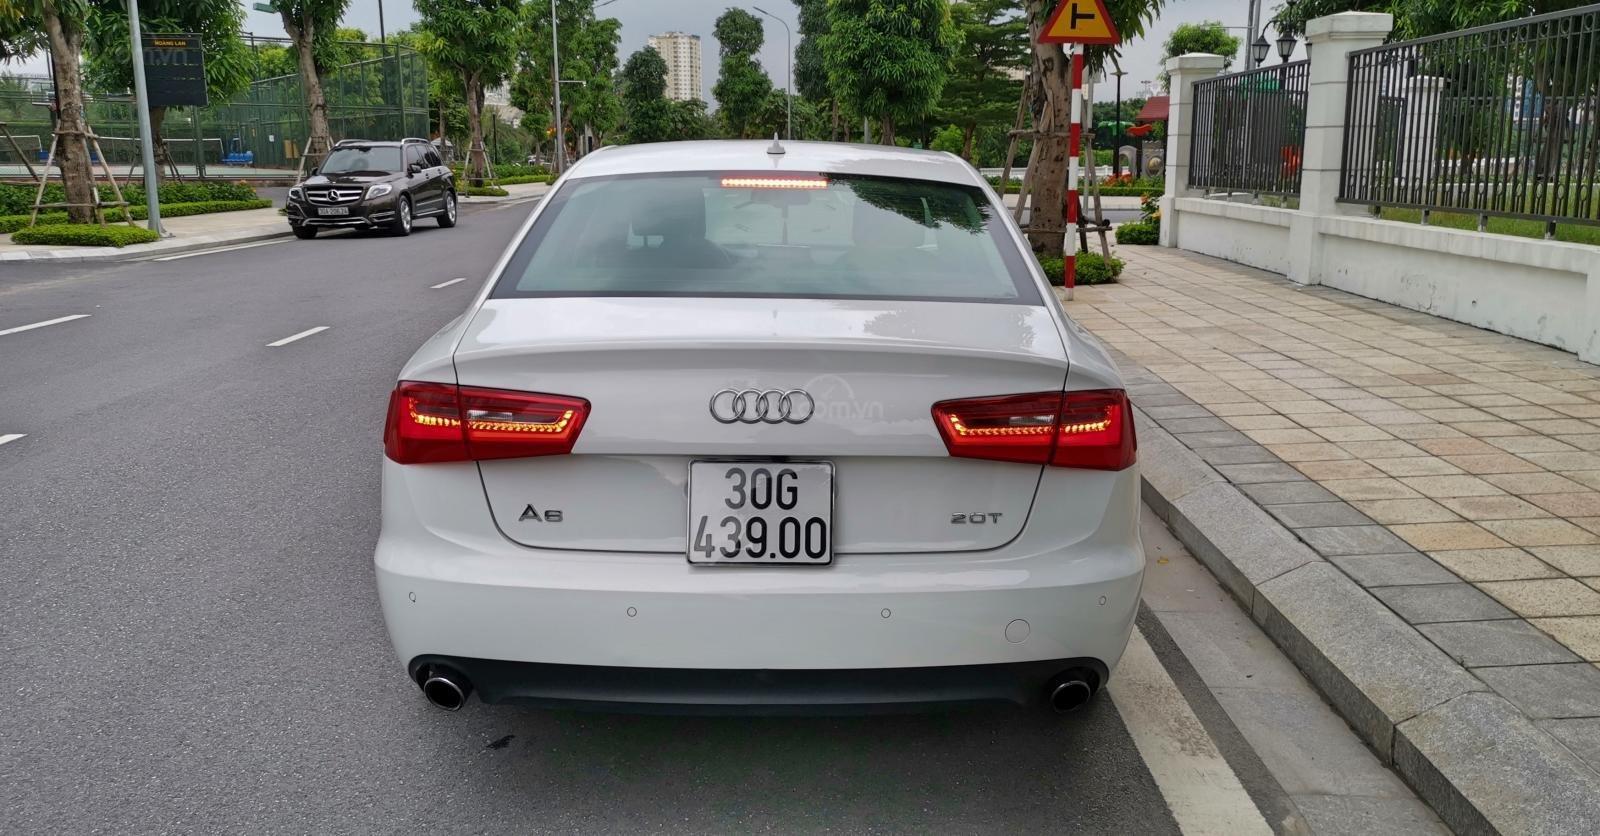 Cần bán lại xe Audi A6 đời 2013, màu trắng, nhập khẩu (4)